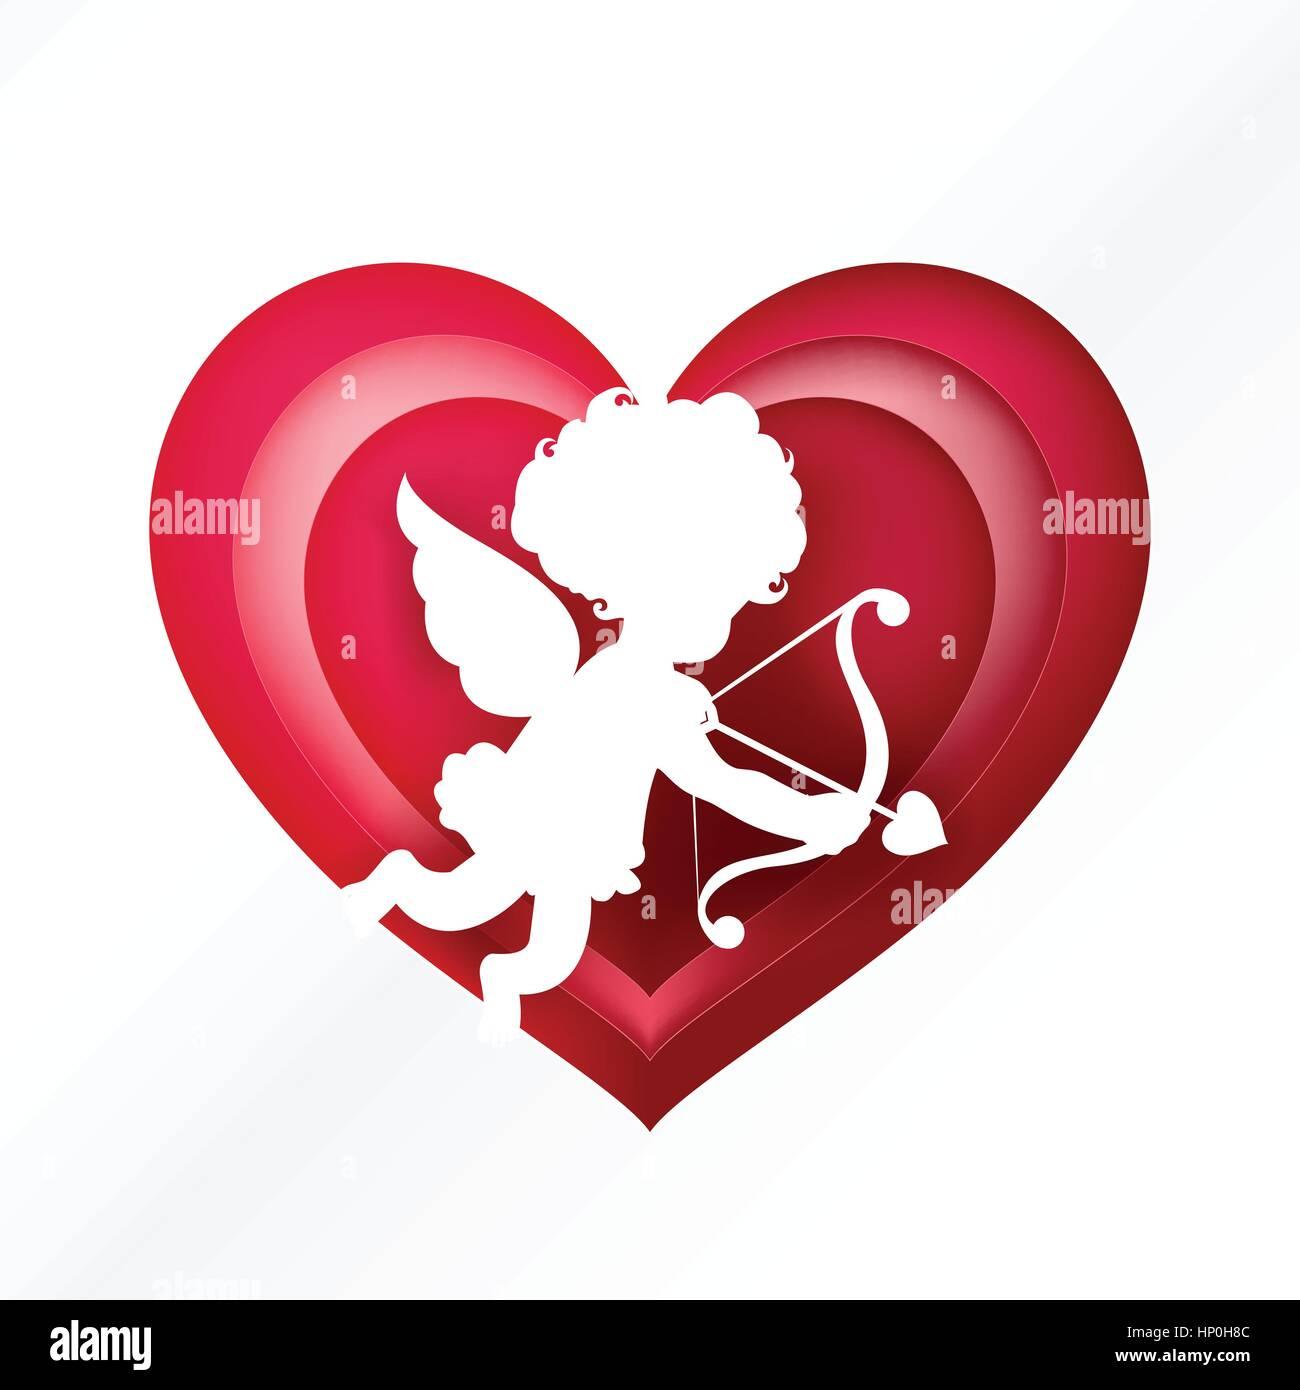 Cupid silhouette sur coeur rose pour la saint valentin et carte de mariage decoration background - Coeur pour la saint valentin ...